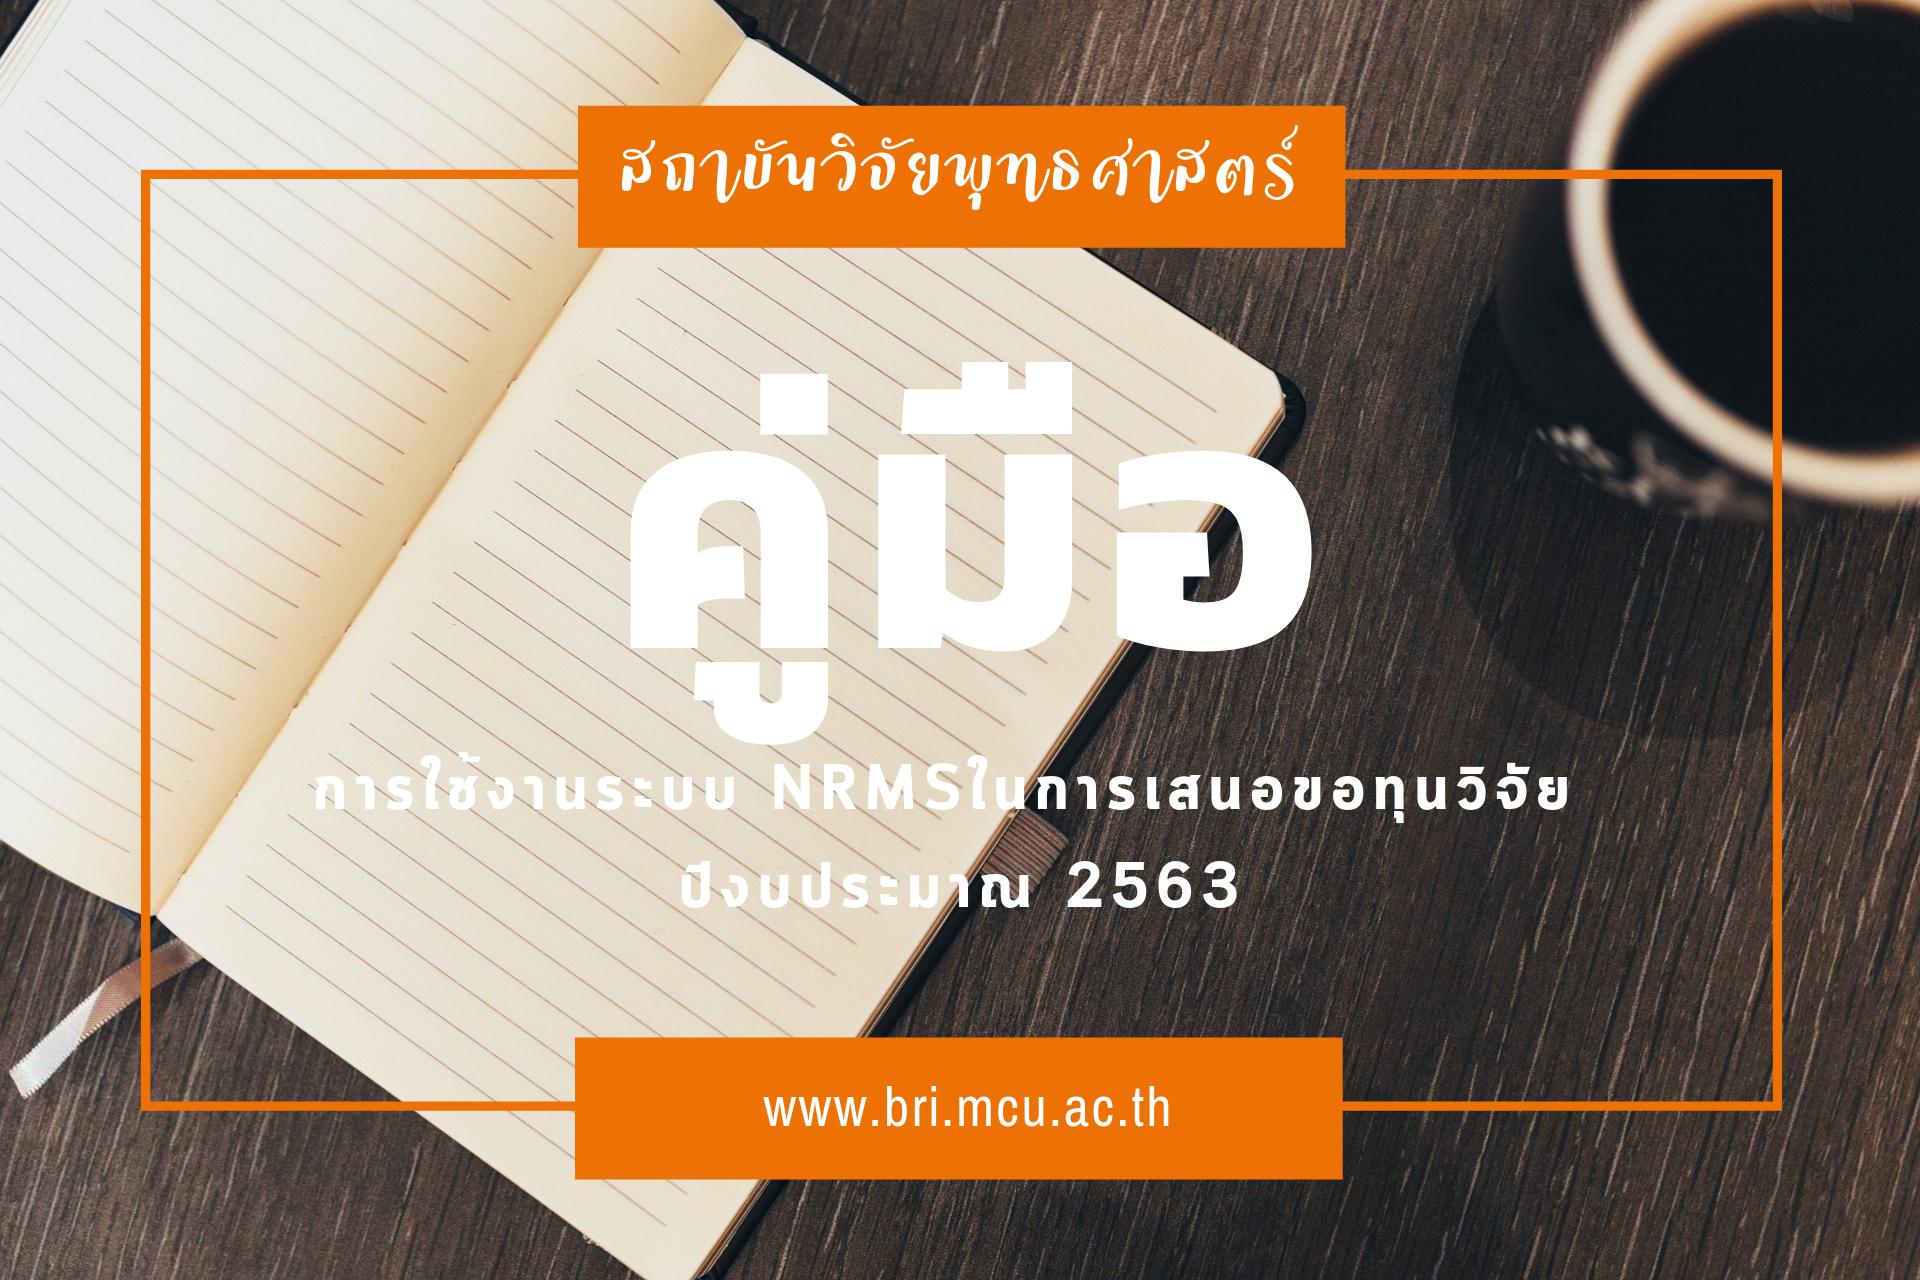 คู่มือรับทุนวิจัยและนวัตกรรมในประเด็นสำคัญของประเทศ ปีงบประมาณ 2563